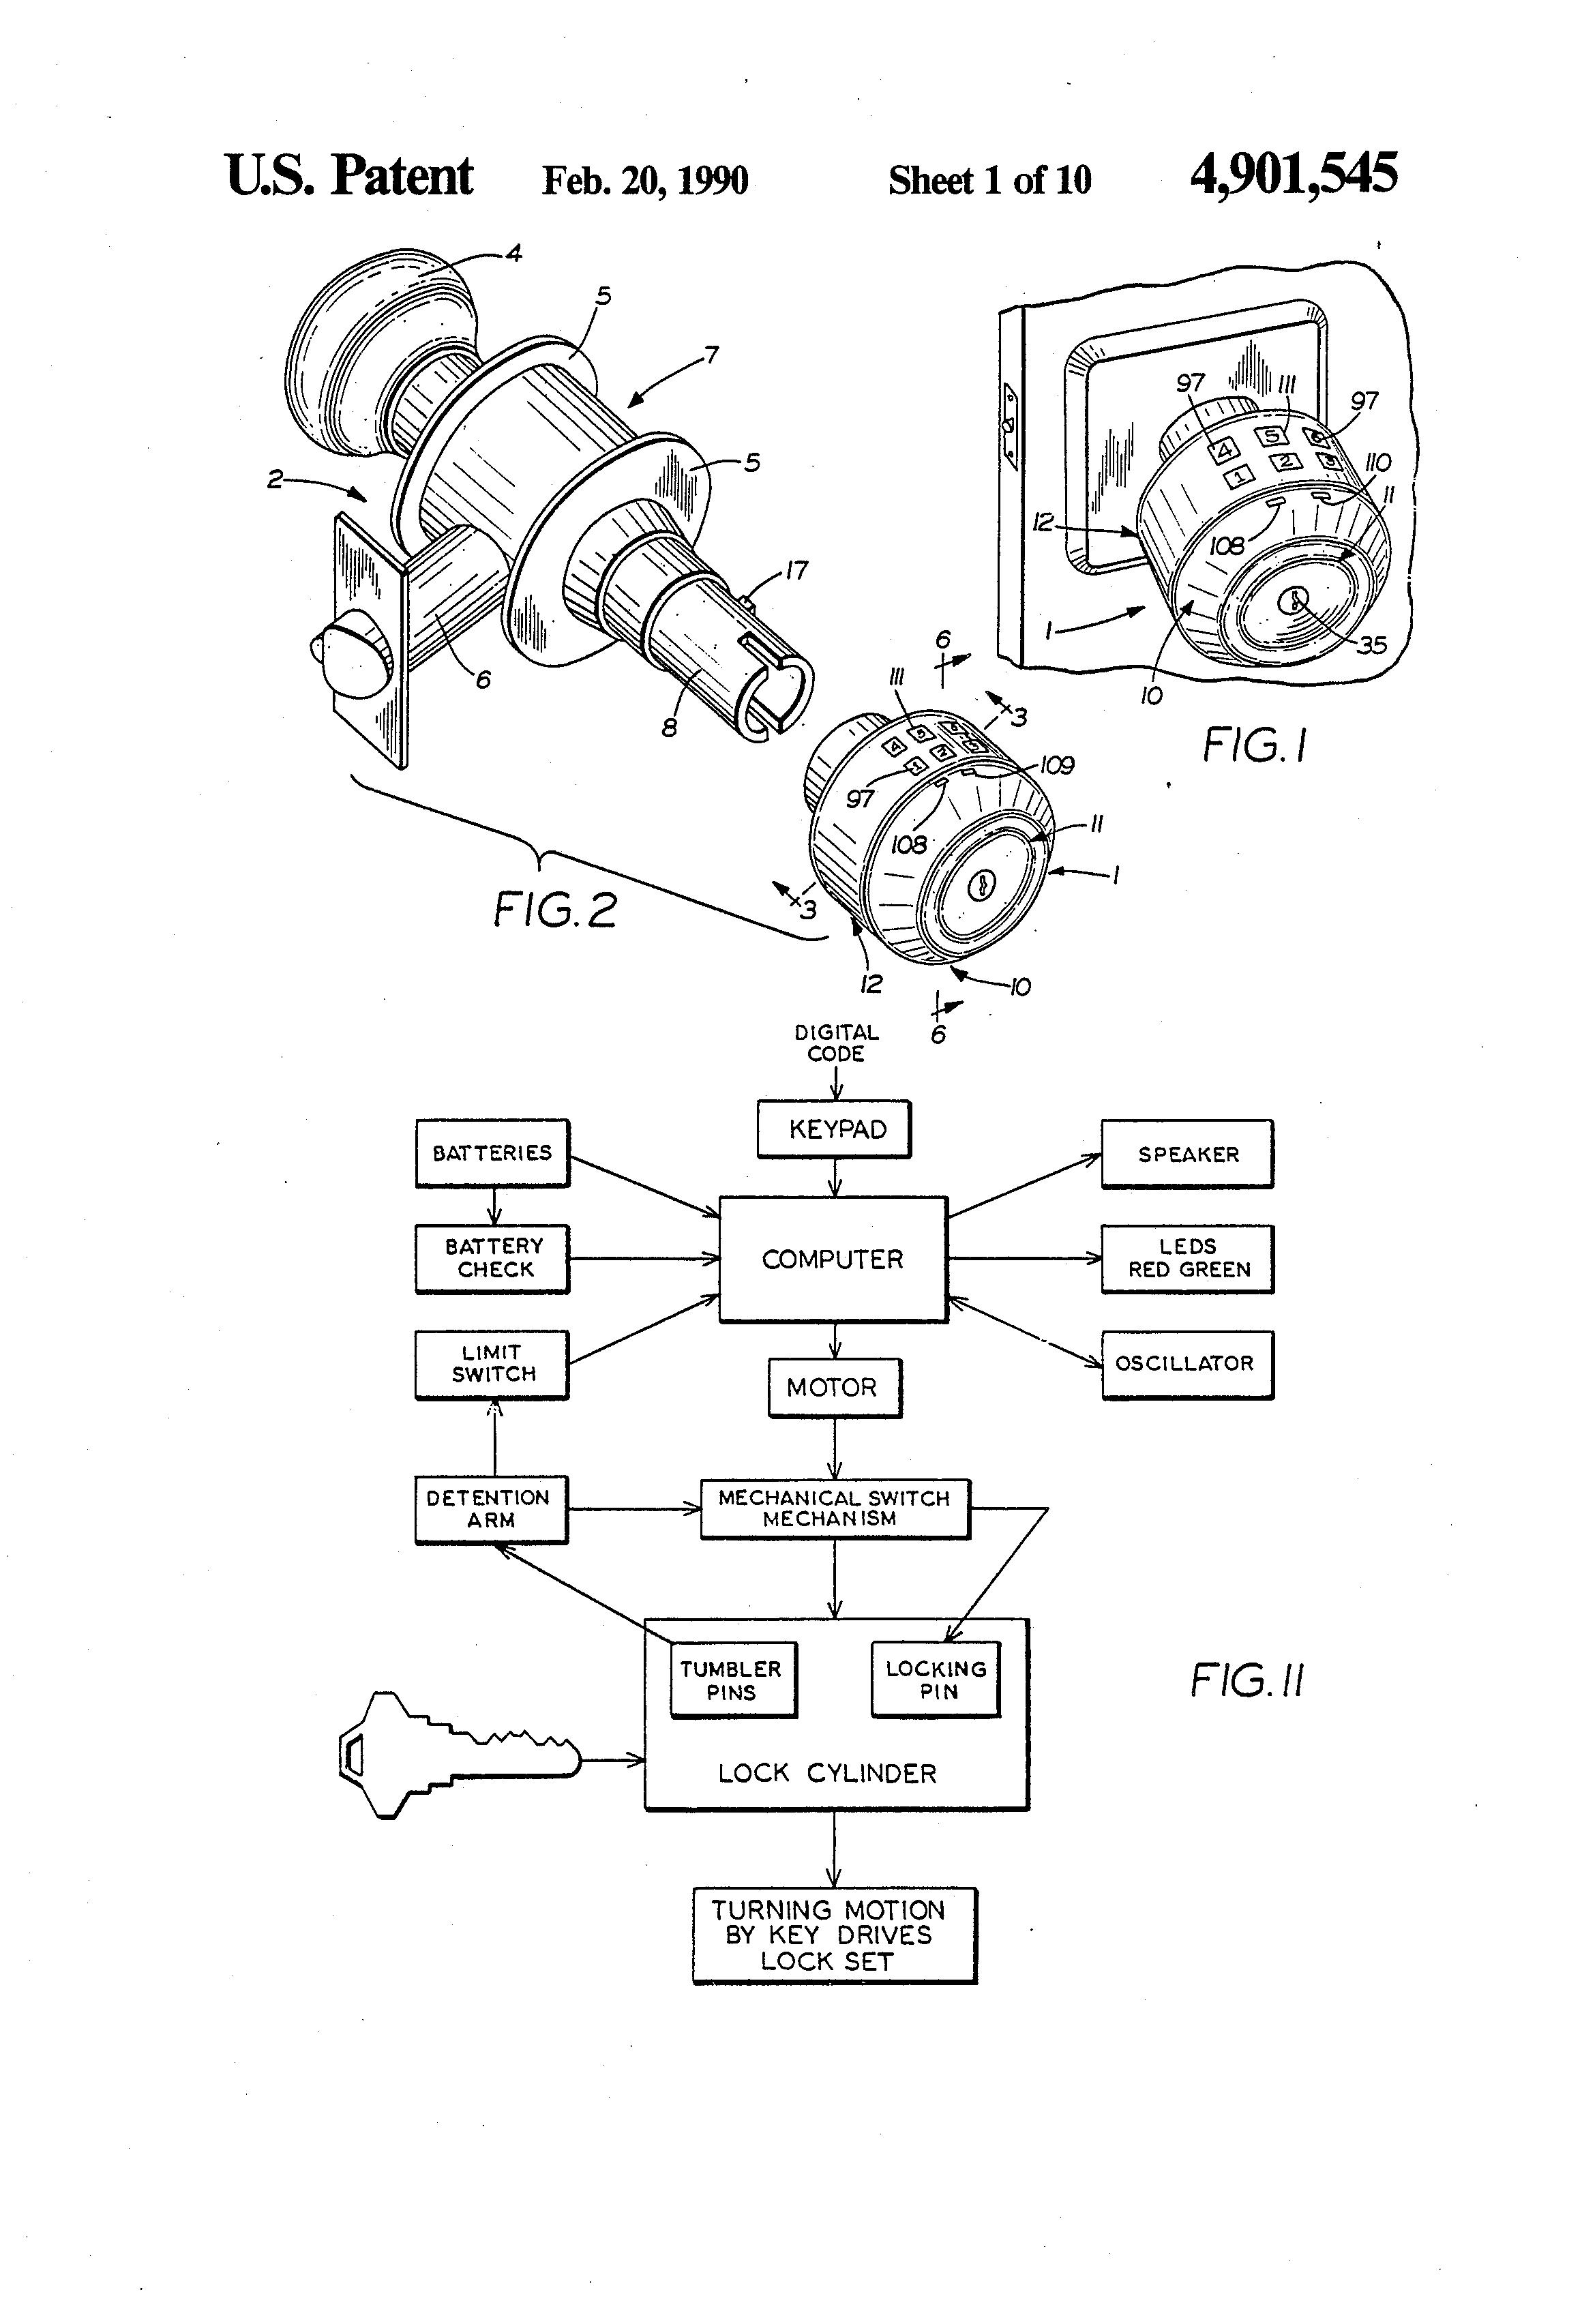 Active Emg Hz Wiring Schematic,Emg.Wiring Diagrams Image Database